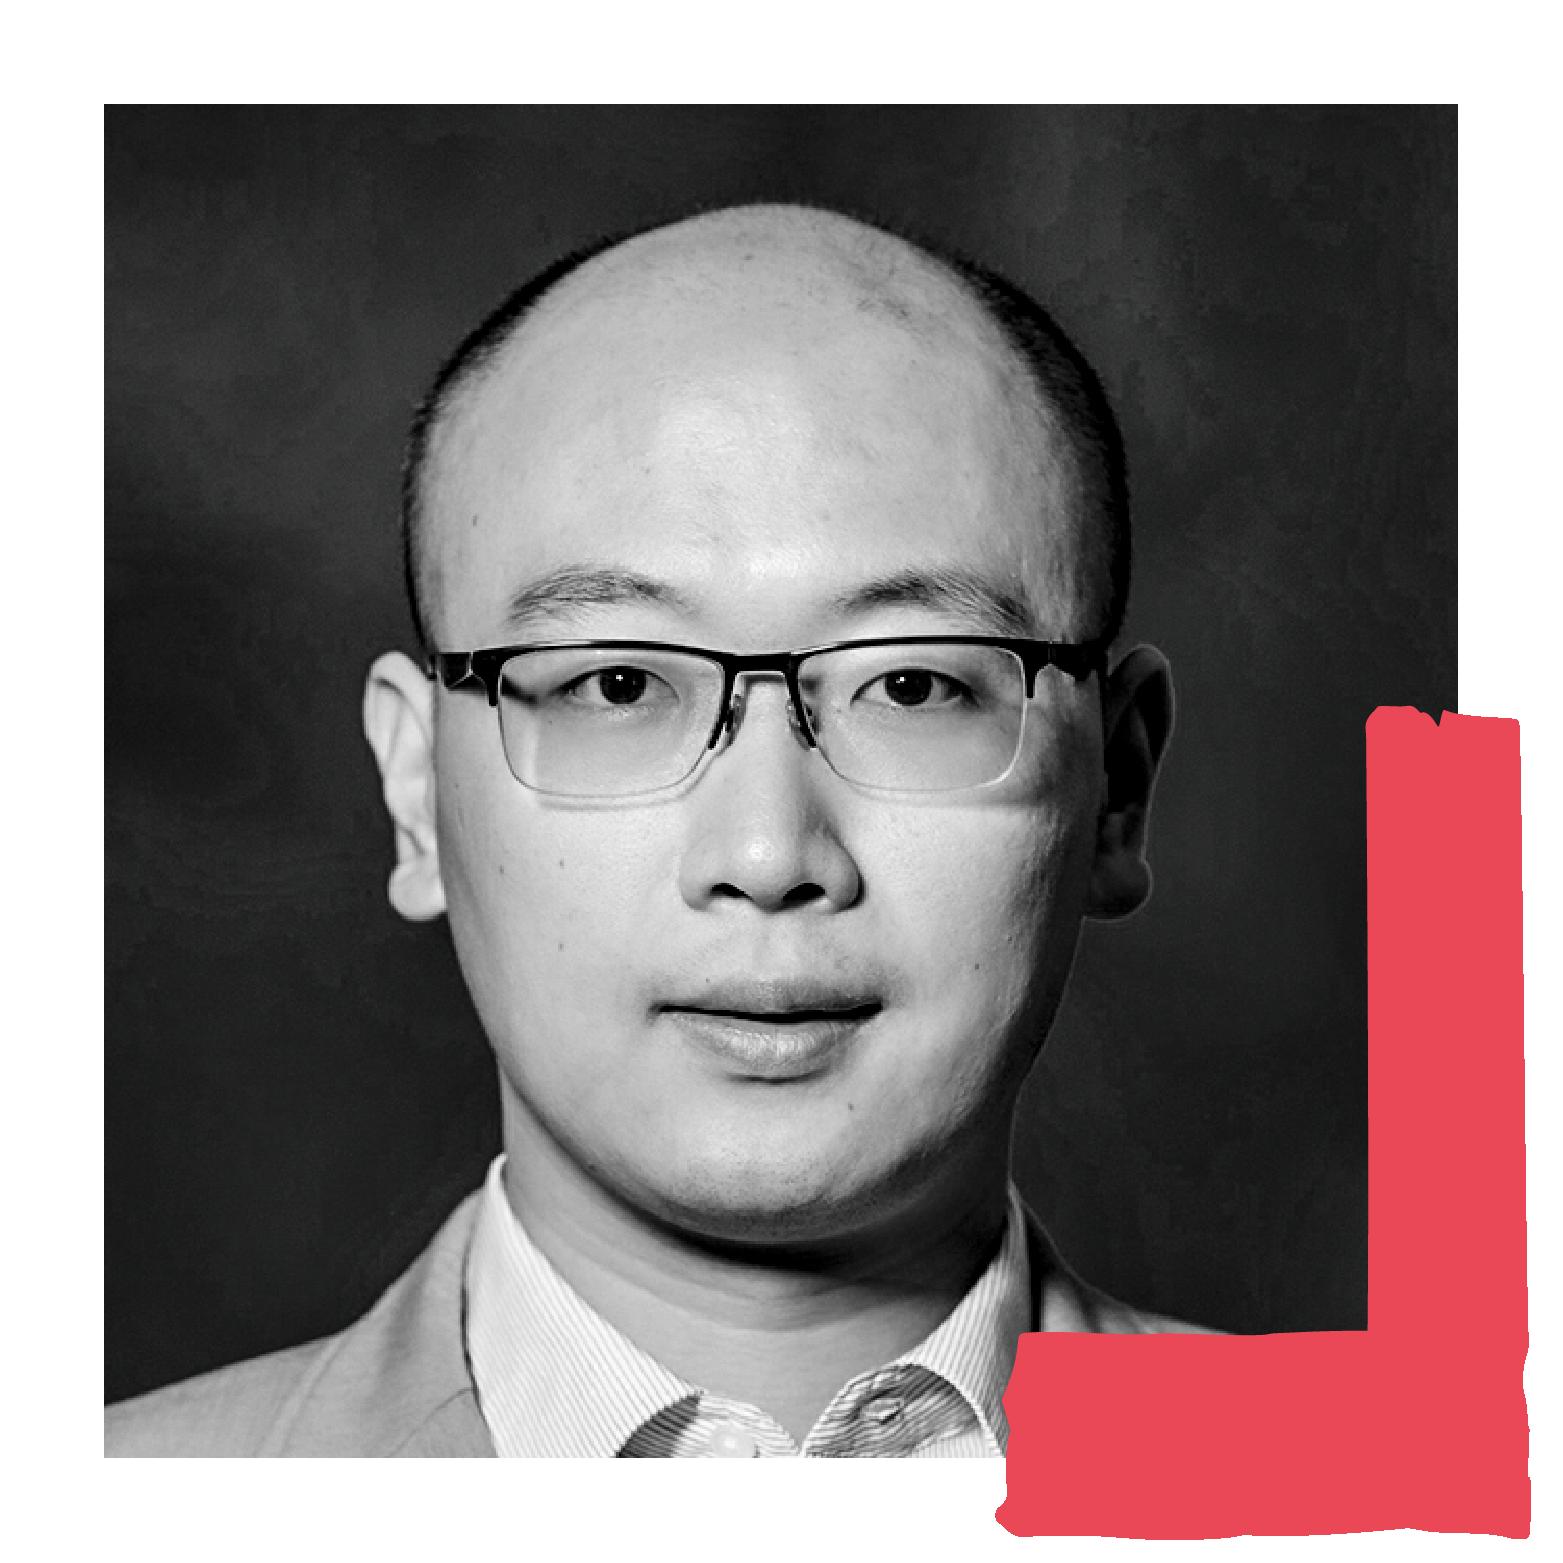 Zhaojin Zeng